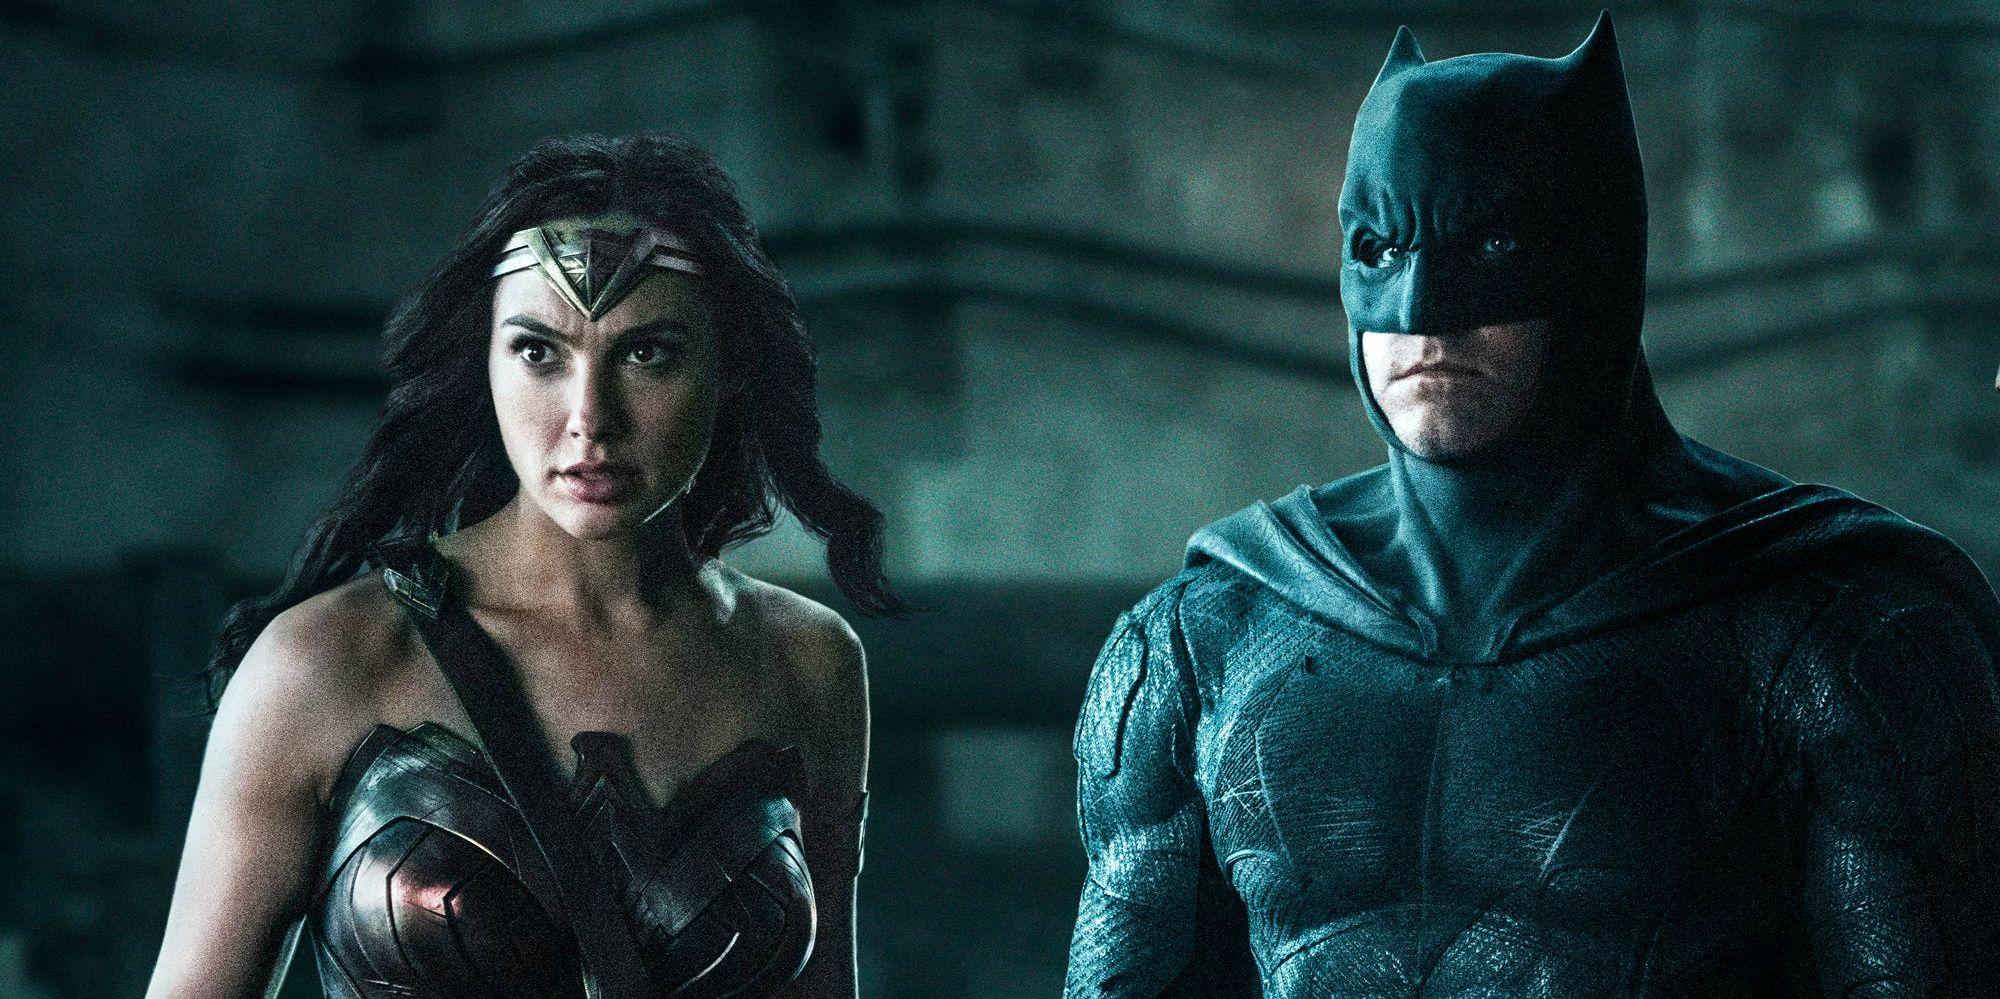 Liga da Justiça: Snyder Cut recebe versão Black & White e título oficial 1